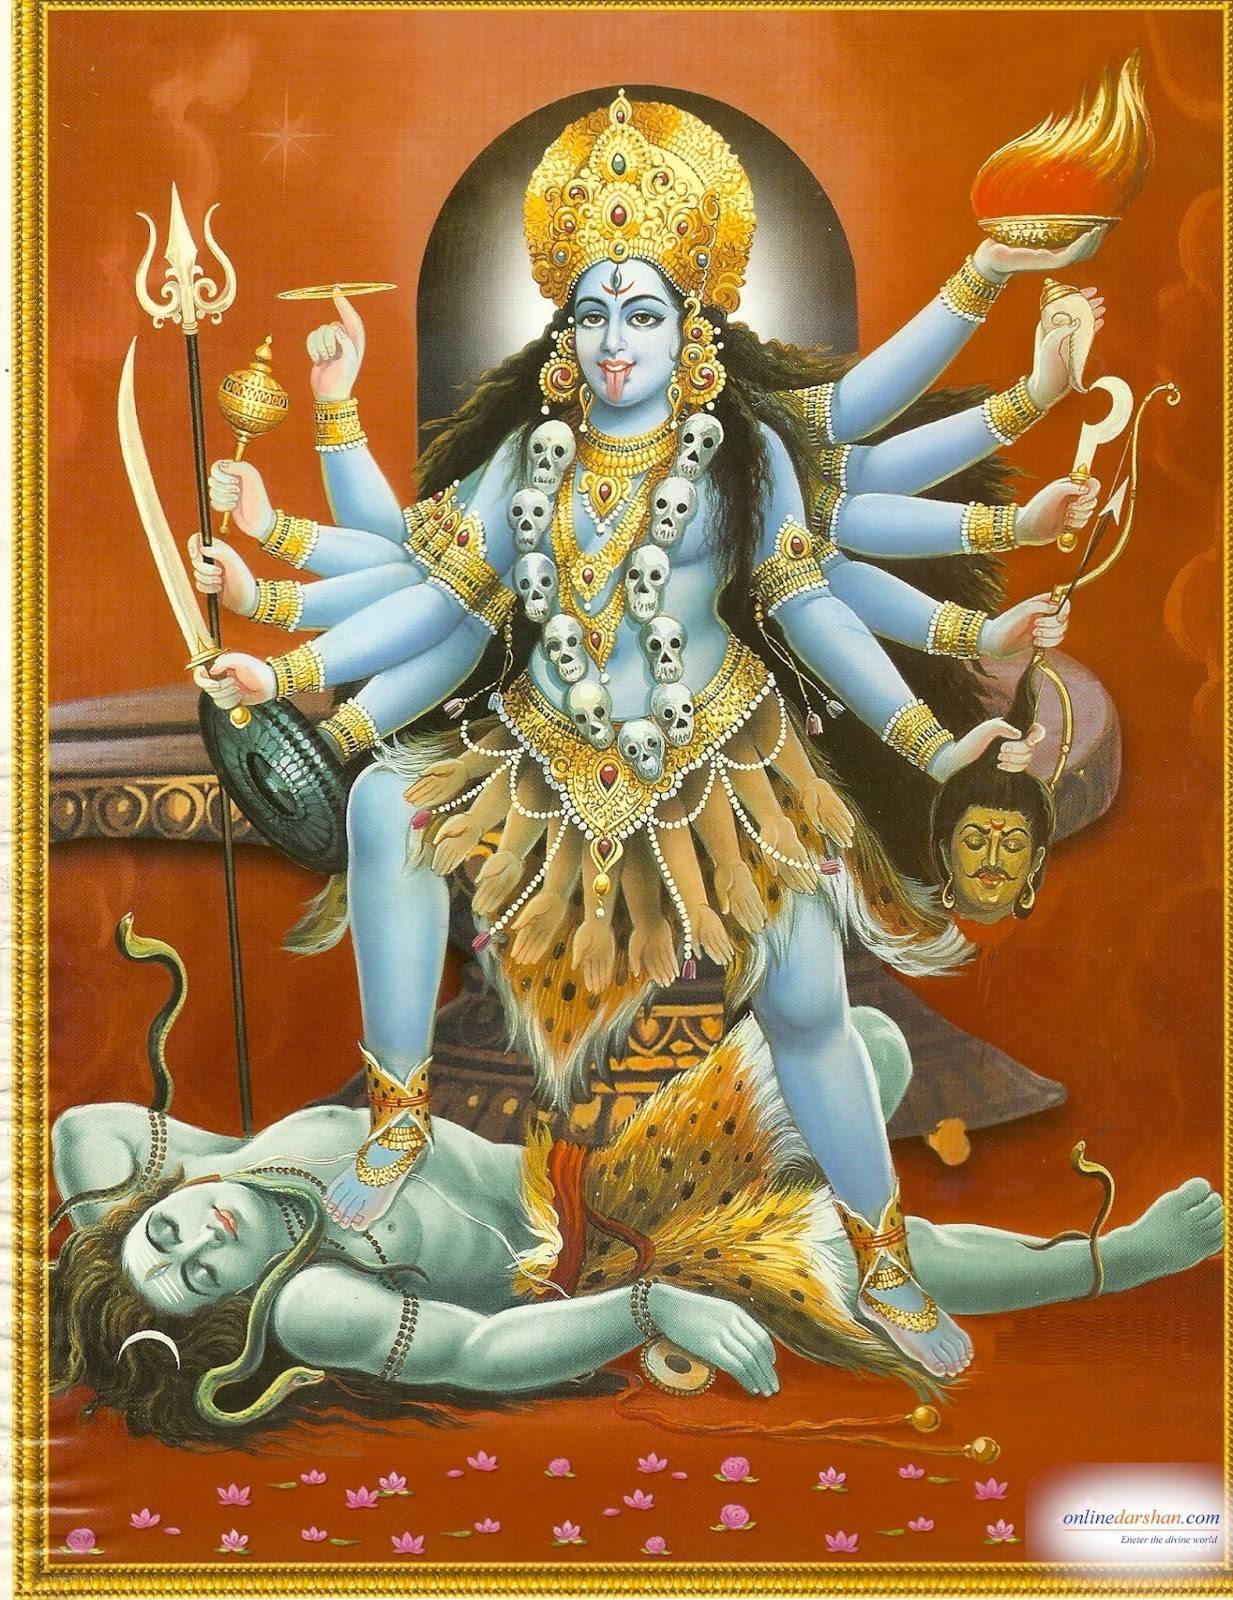 Кто такая богиня кали? легенда о богине кали. индийская мифология